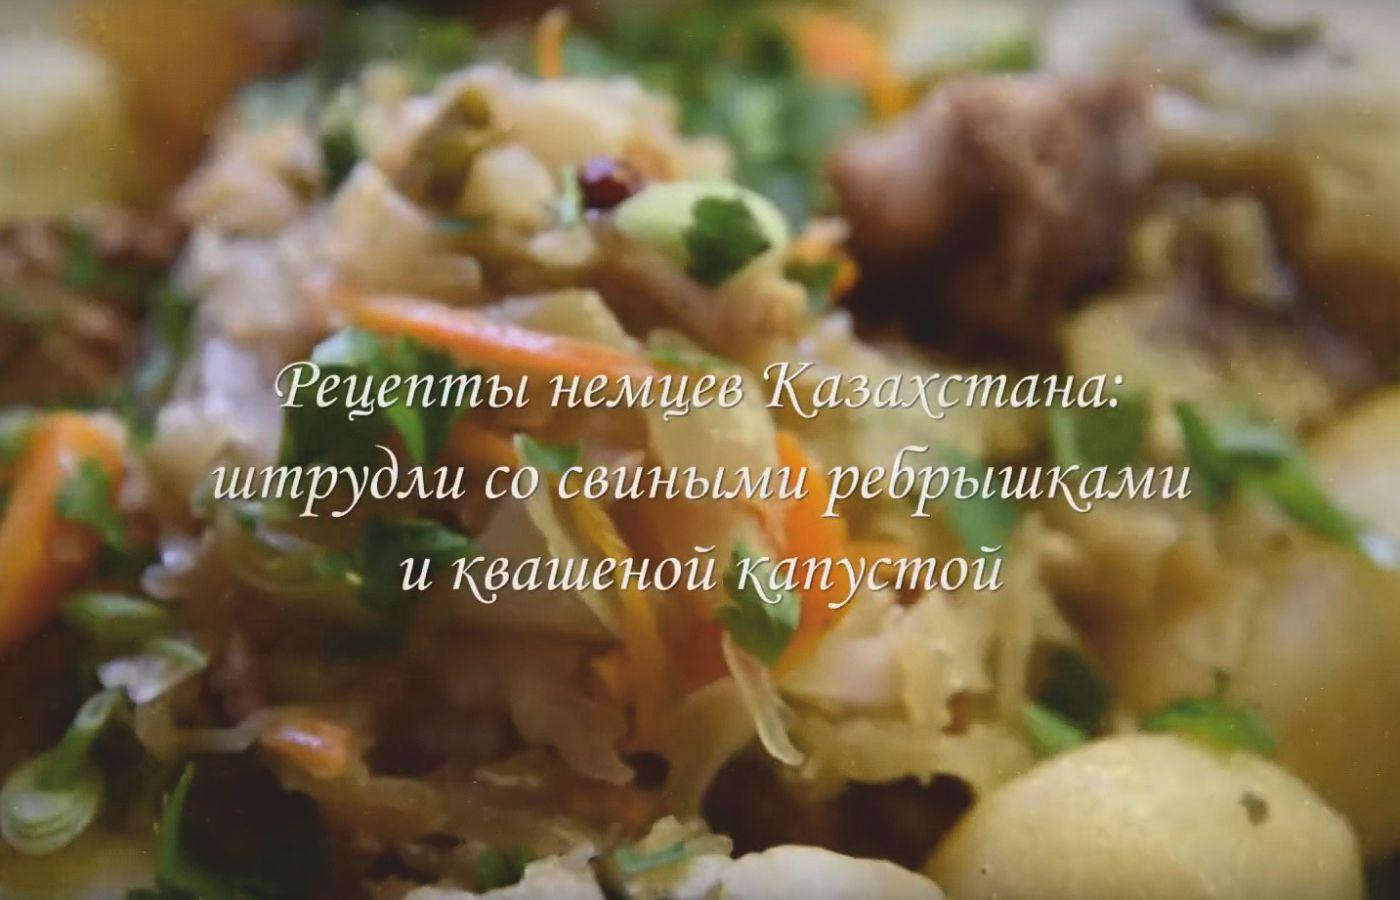 Рецепты немцев Казахстана: штрудли со свиными ребрышками и квашеной капустой